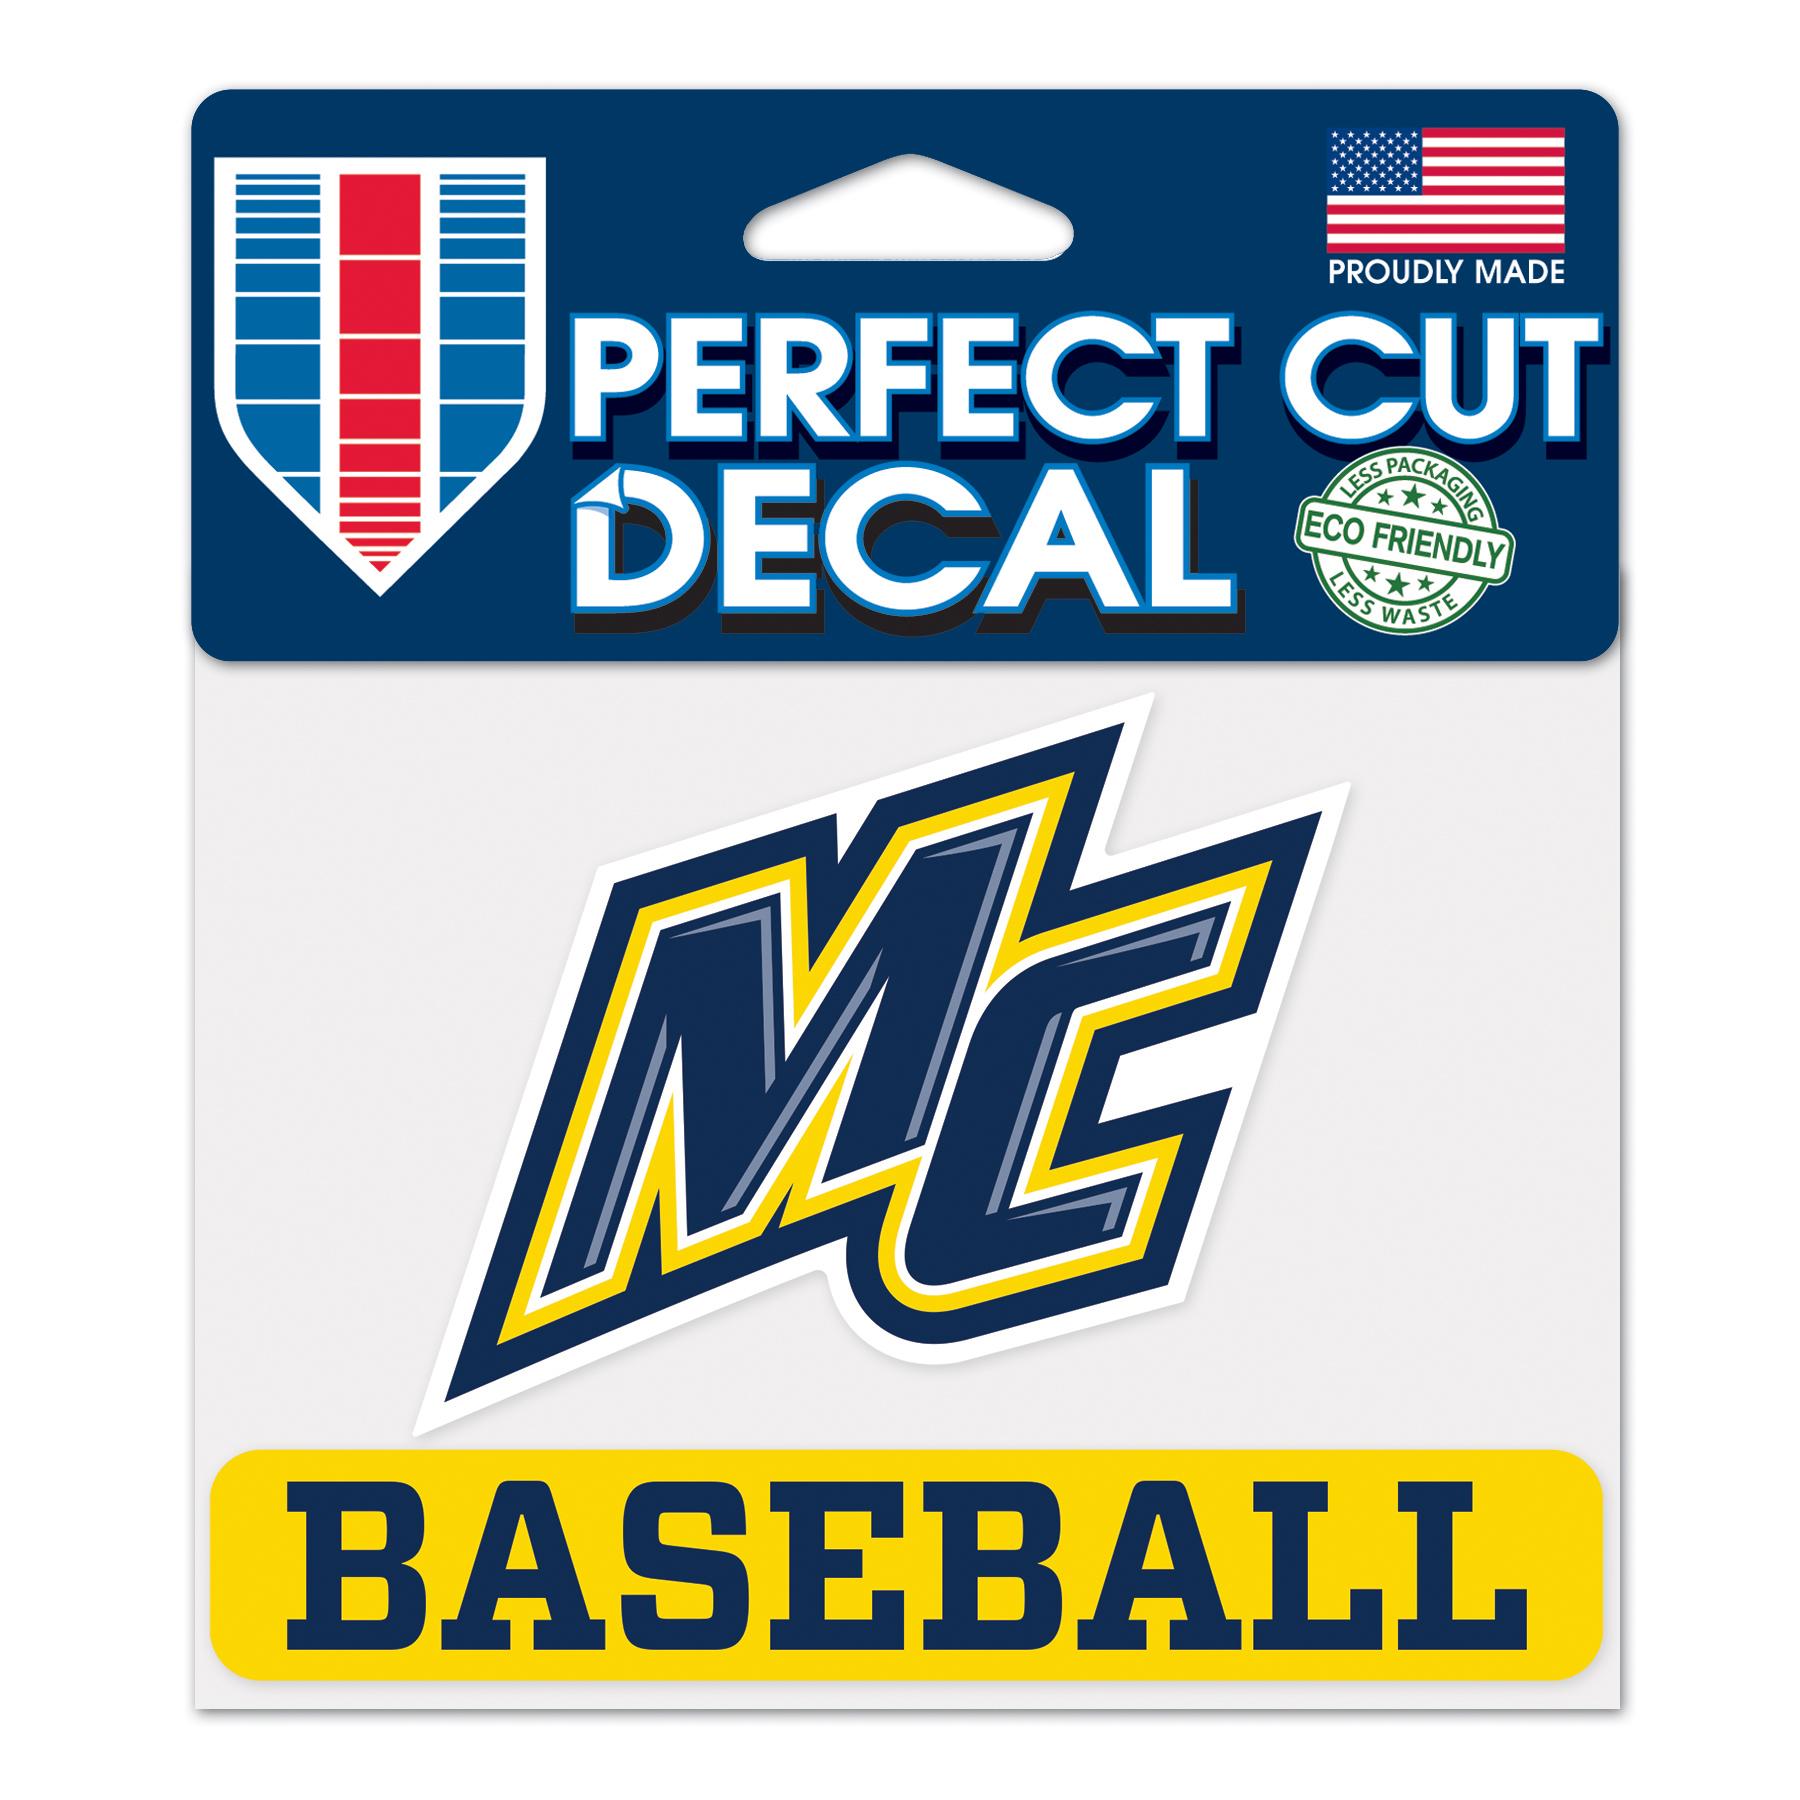 Decal - Baseball